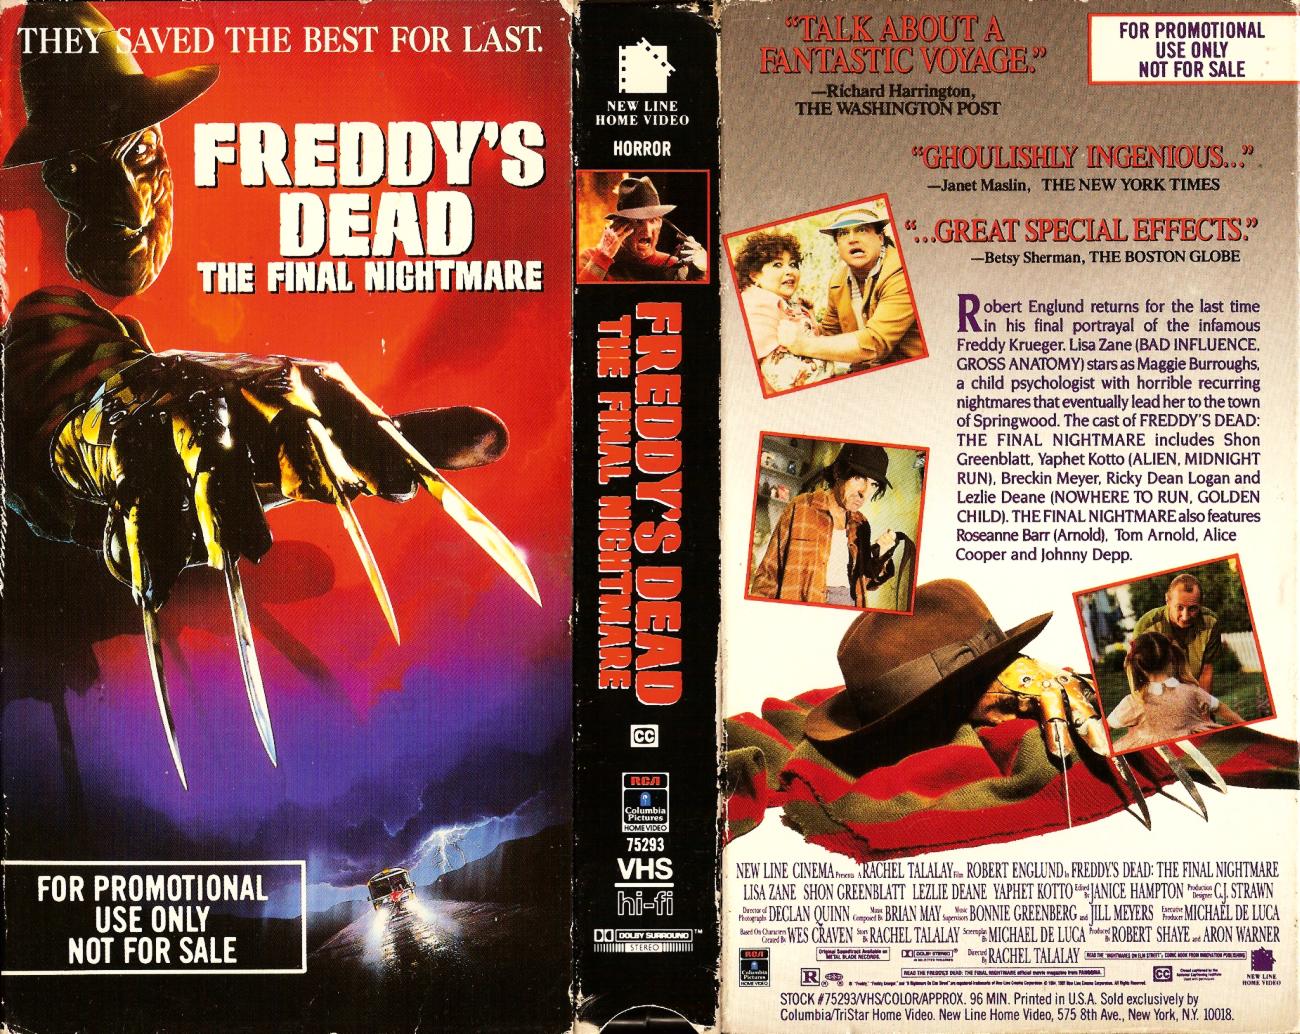 Freddy's Dead VHS